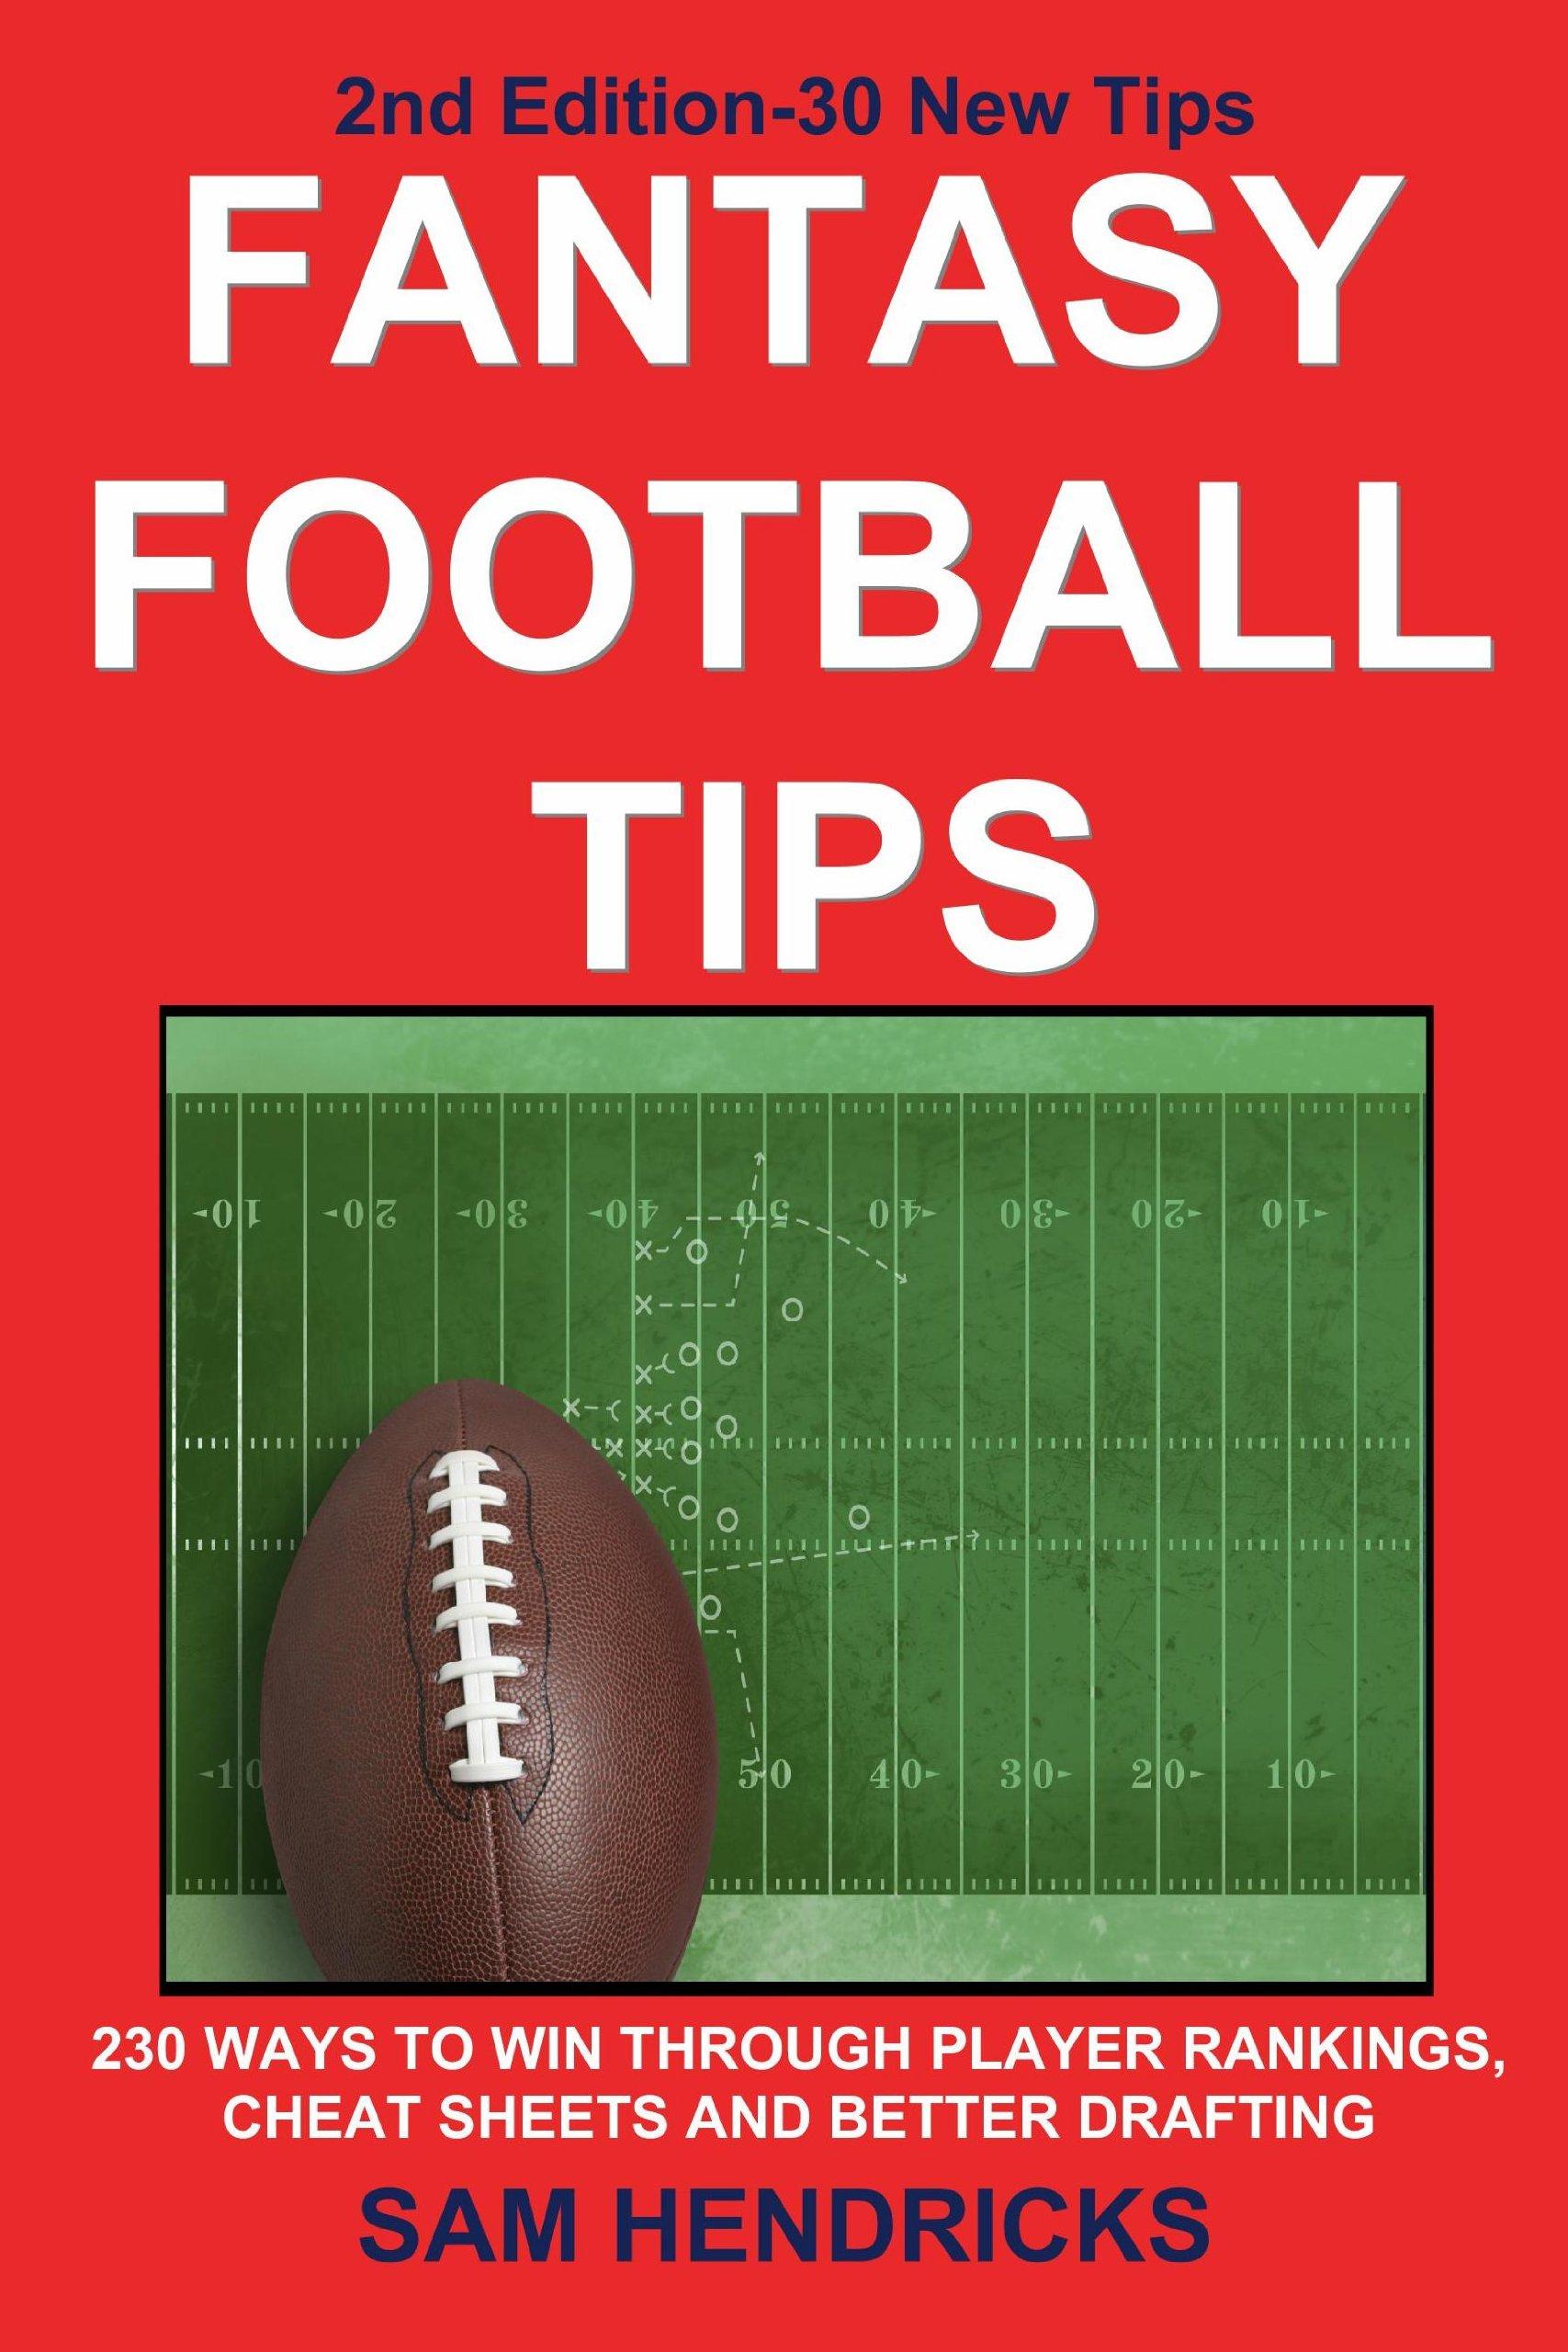 Cheap Free Fantasy Football Cheat Sheets Printable, Find Free - Free Printable Fantasy Football Cheat Sheets